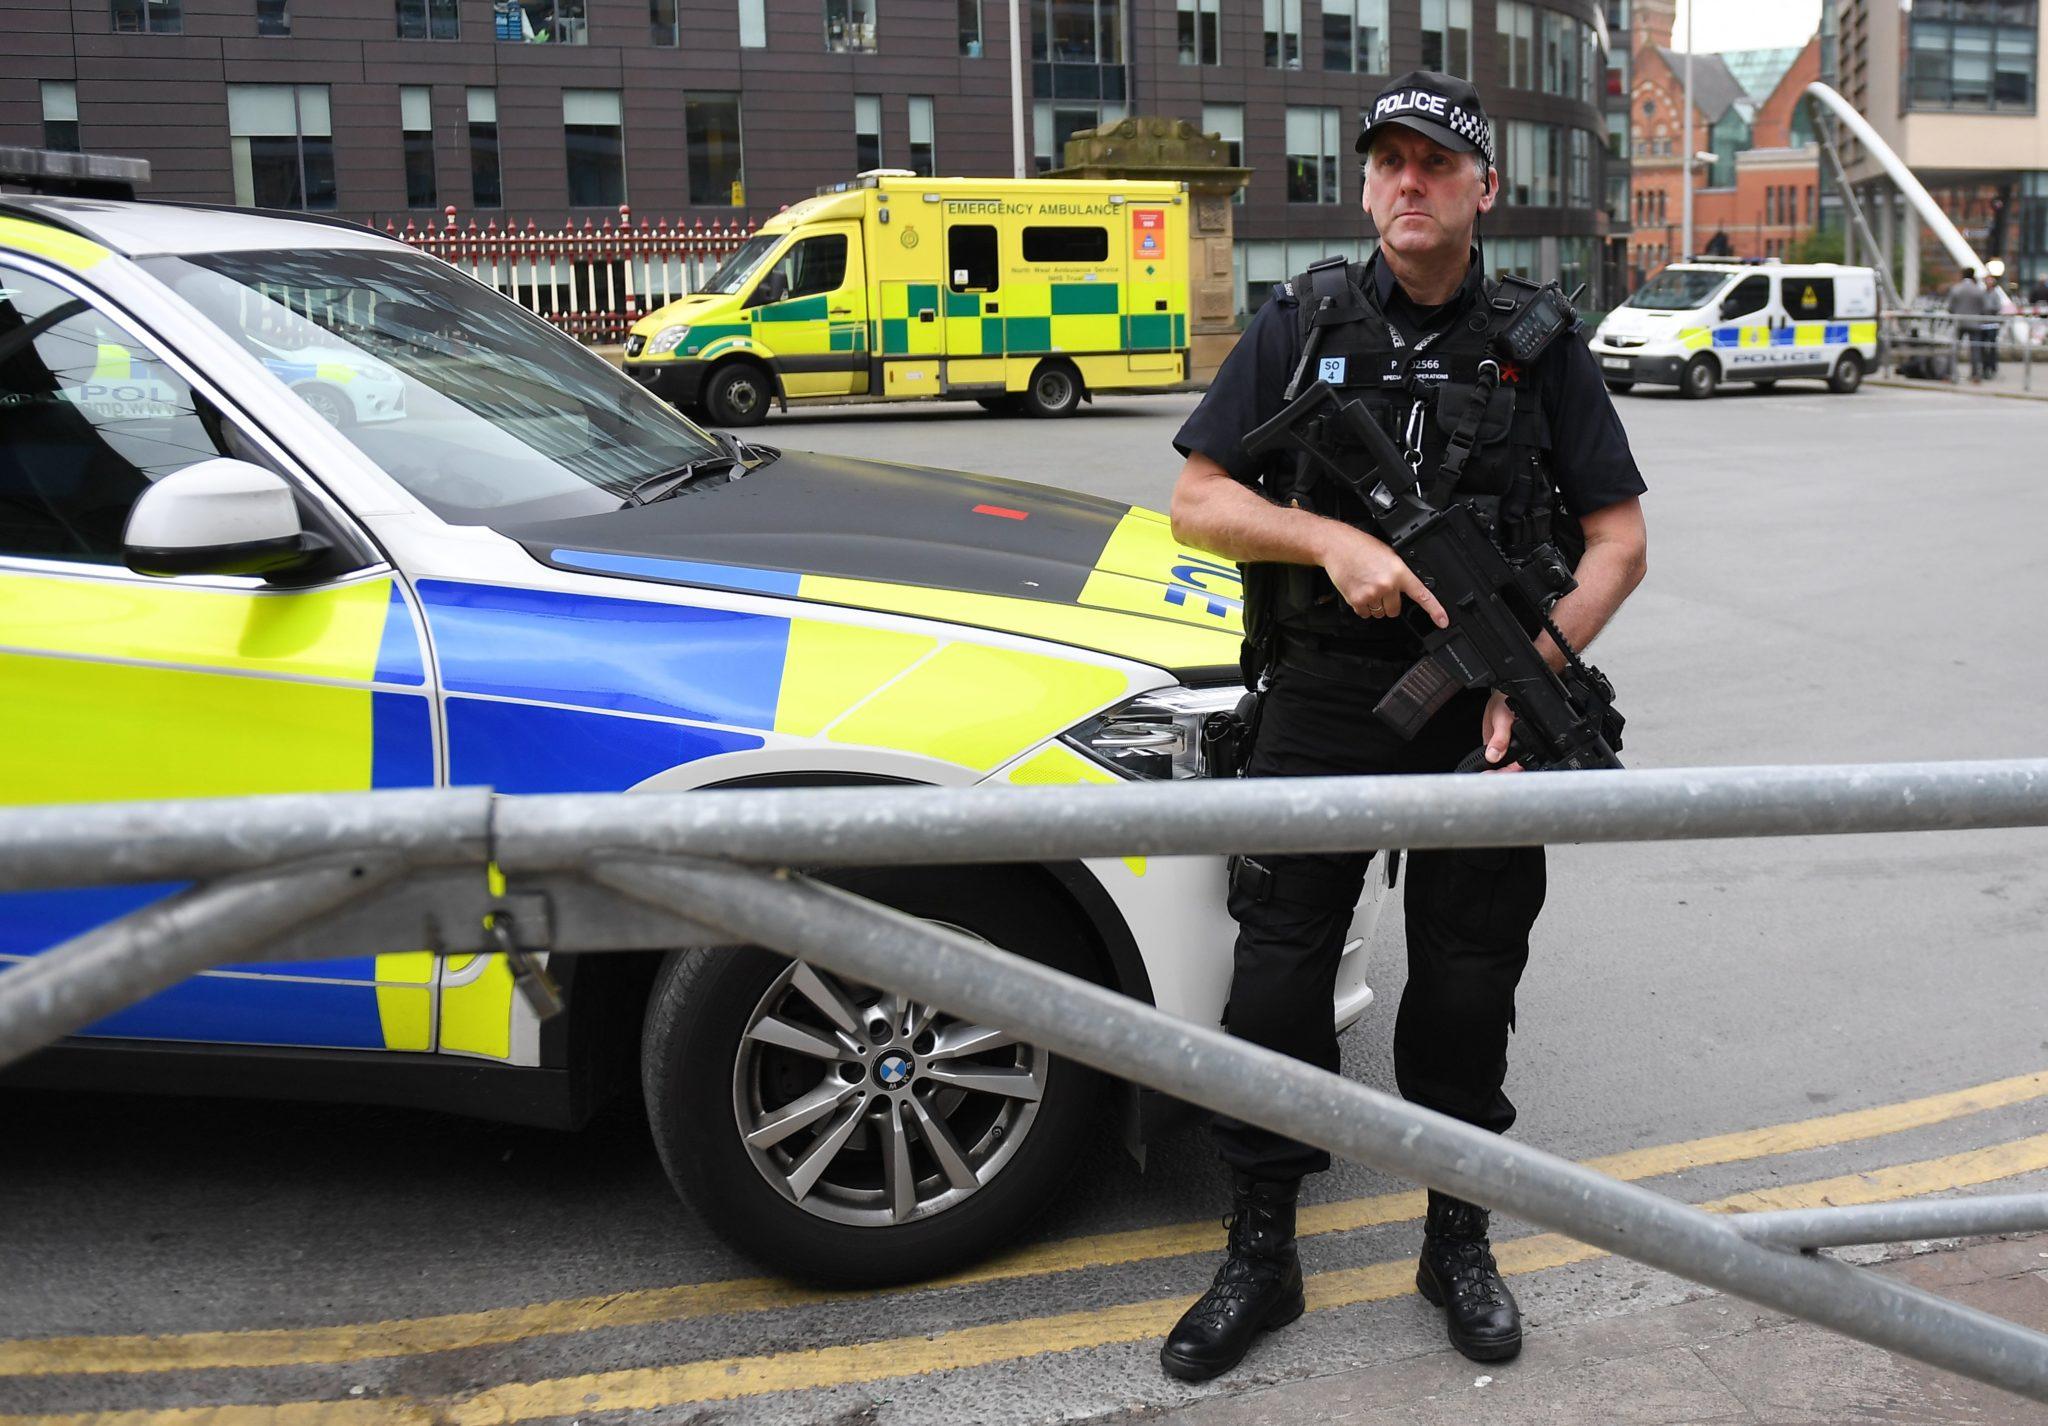 Wielka Brytania: miejsce zamachu terrorystycznego w Manczesterze, dzień po tragedii (foto. PAP/EPA/ANDY RAIN)